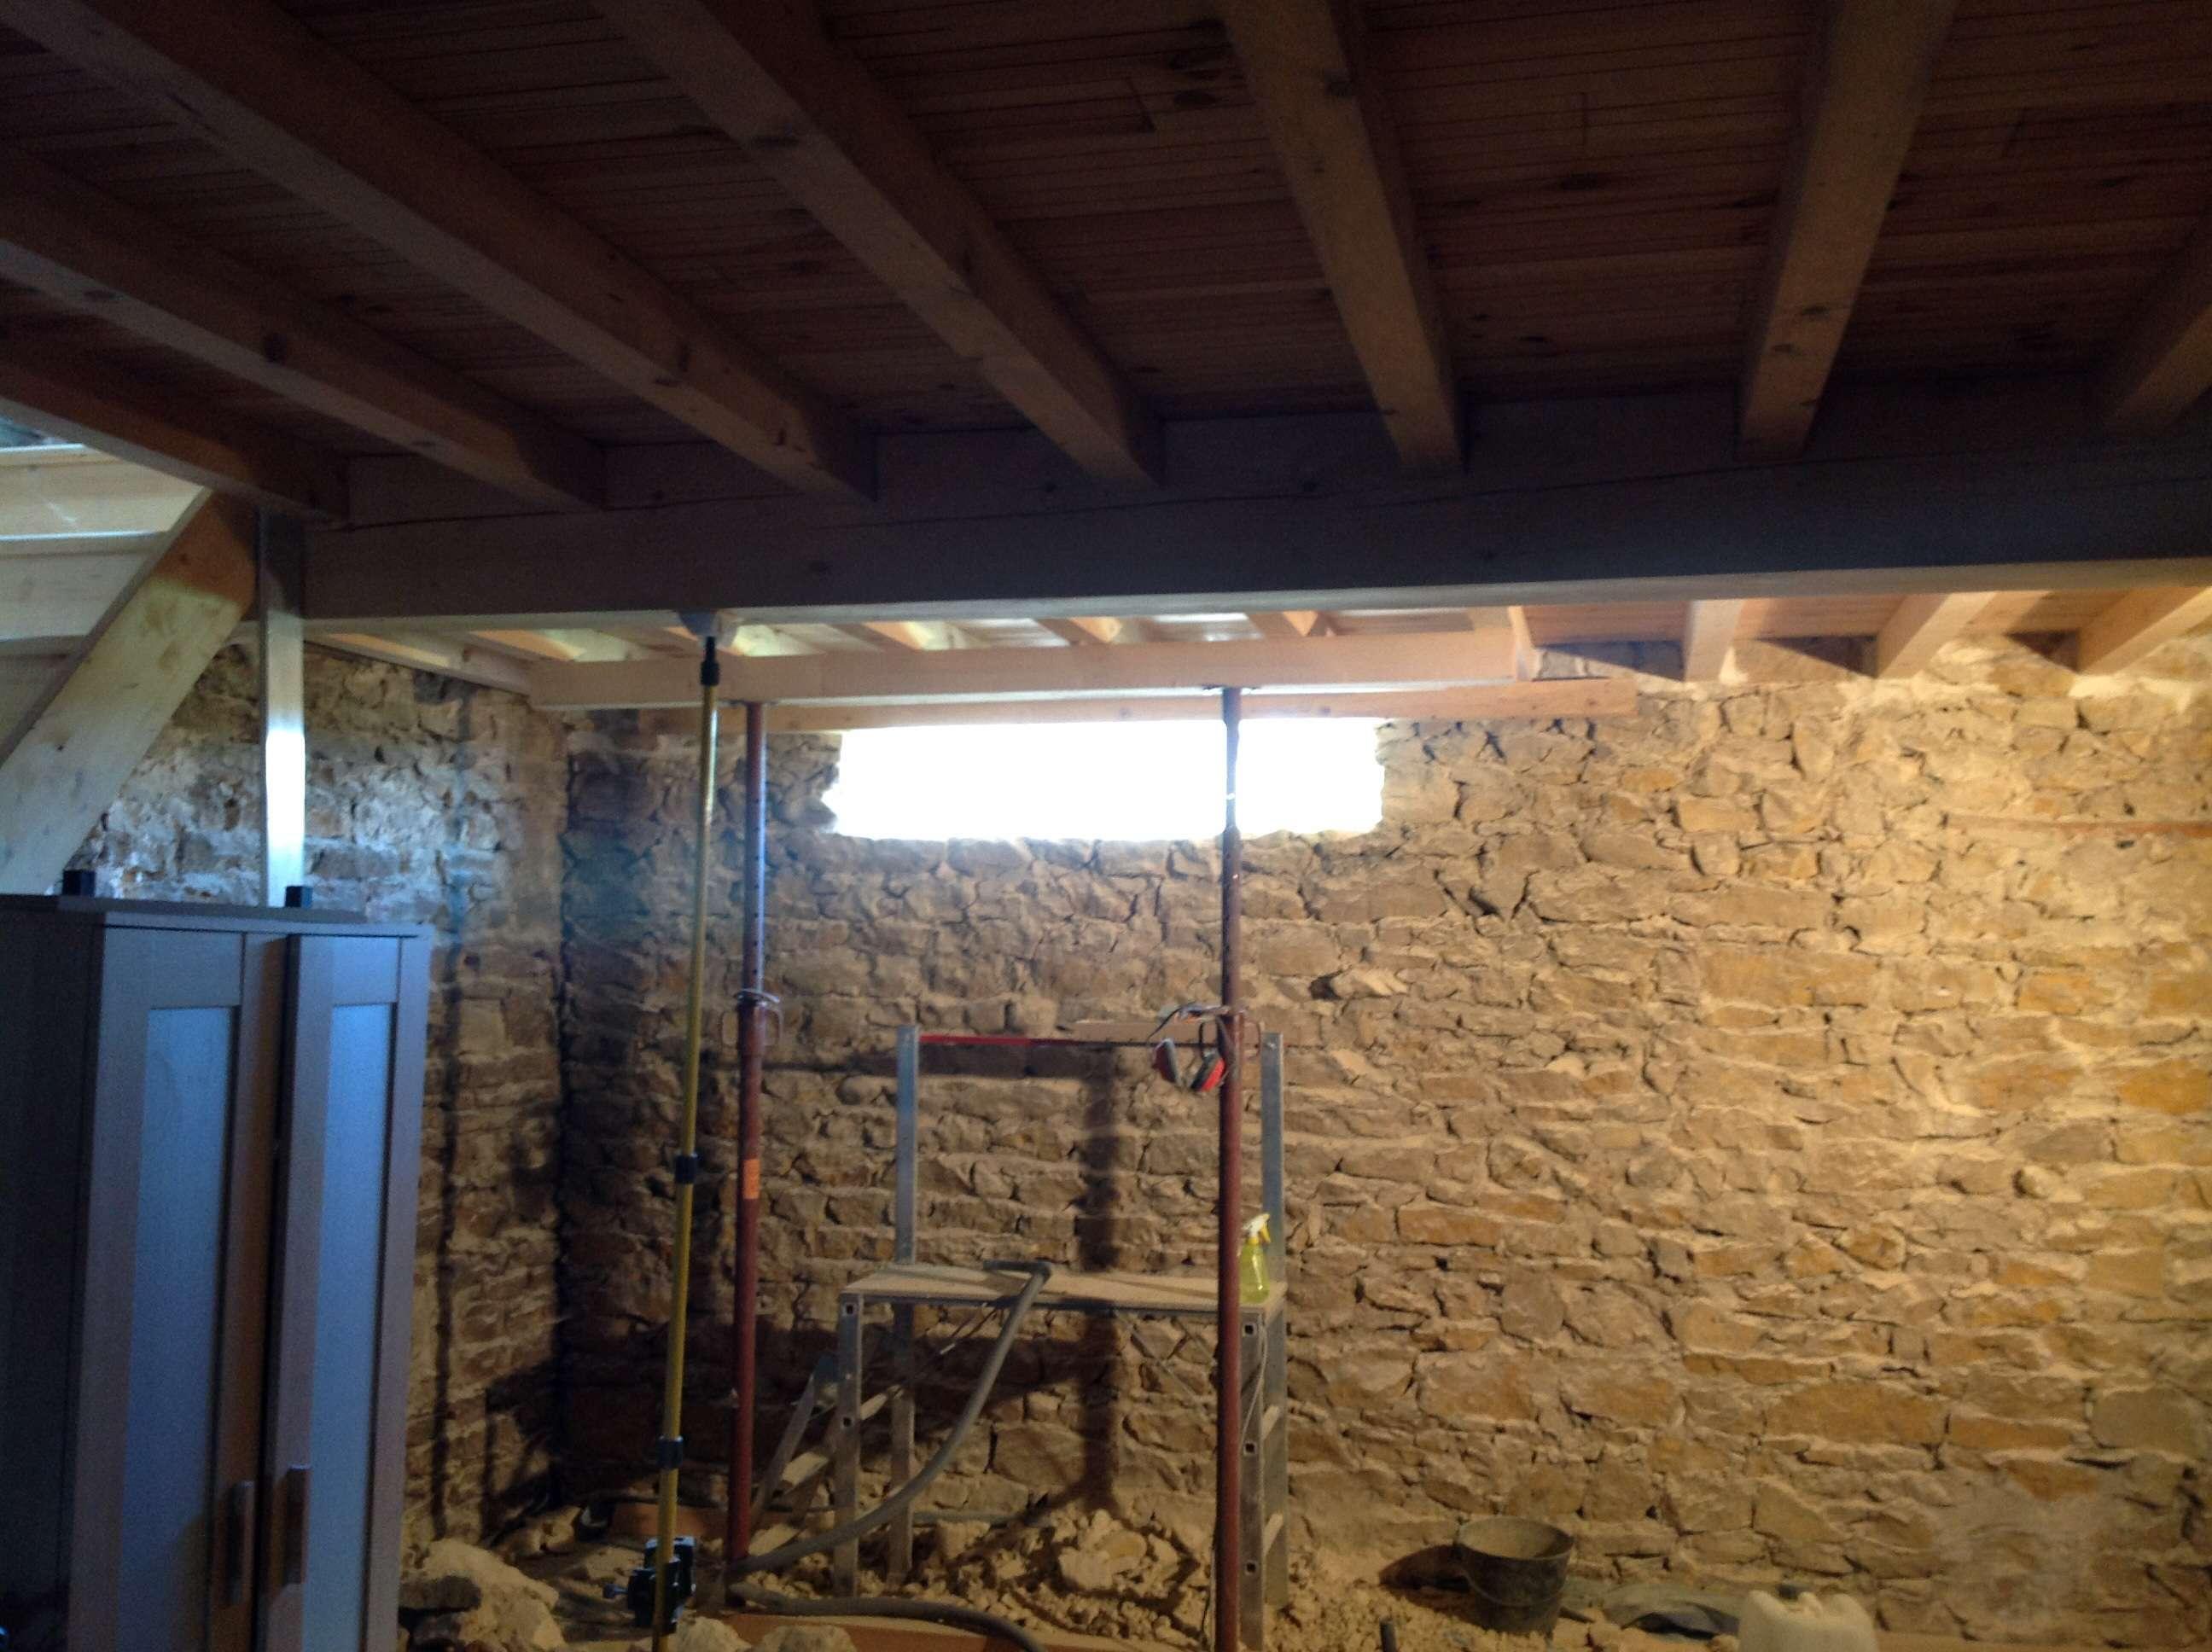 Mur Exterieur En Planche De Coffrage création d'ouvertures dans un mur en pierre - à l'étage